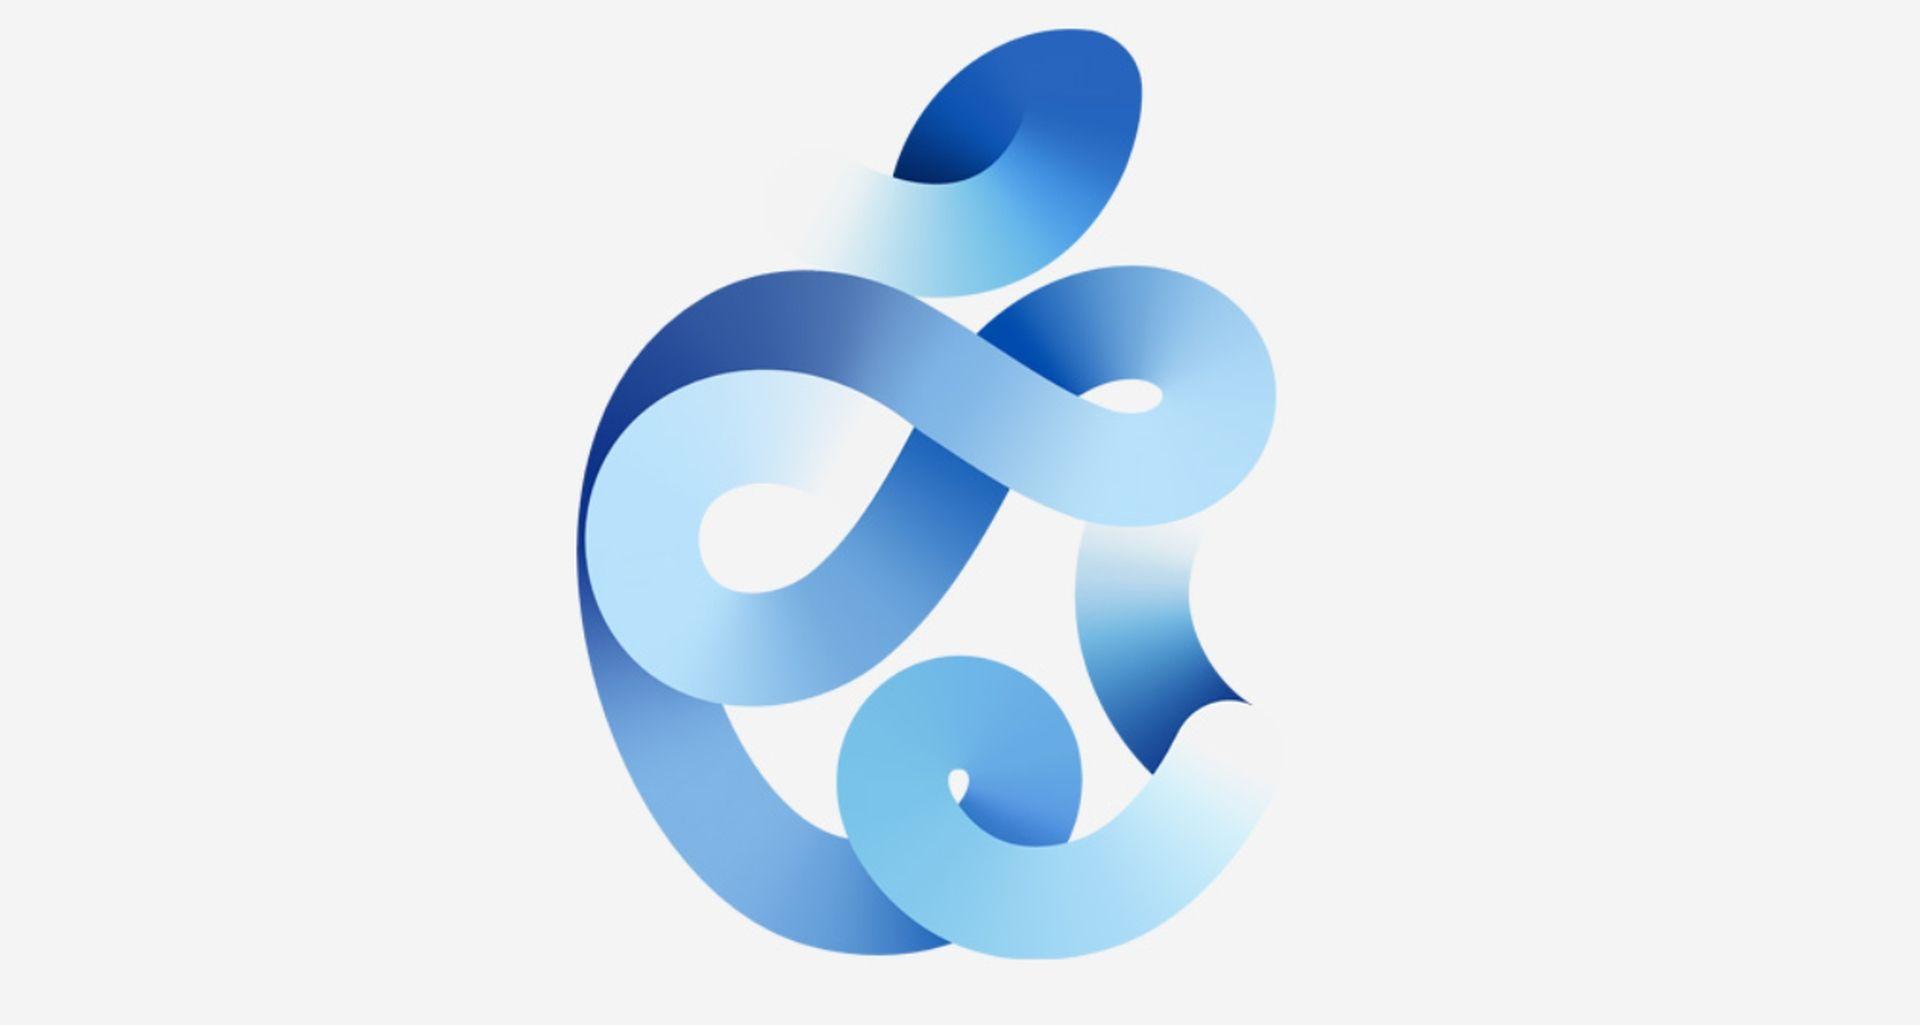 Oficjalnie konferencja firmy Apple ma się odbyć już 15 września